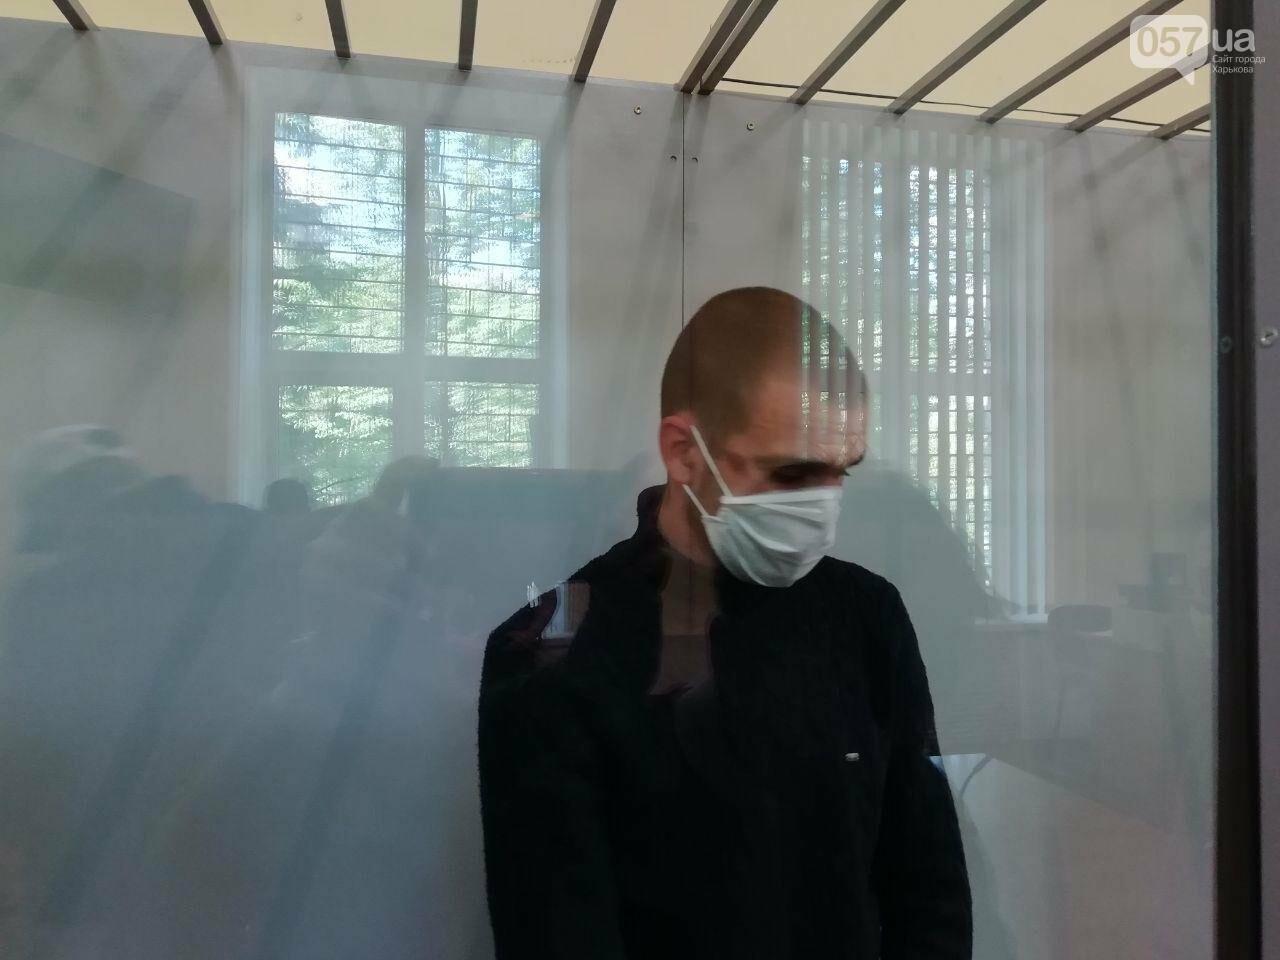 Жестокое избиение и изнасилование подростка в Харькове: суд арестовал подозреваемых, - ОНЛАЙН-ТРАНСЛЯЦИЯ, фото-6